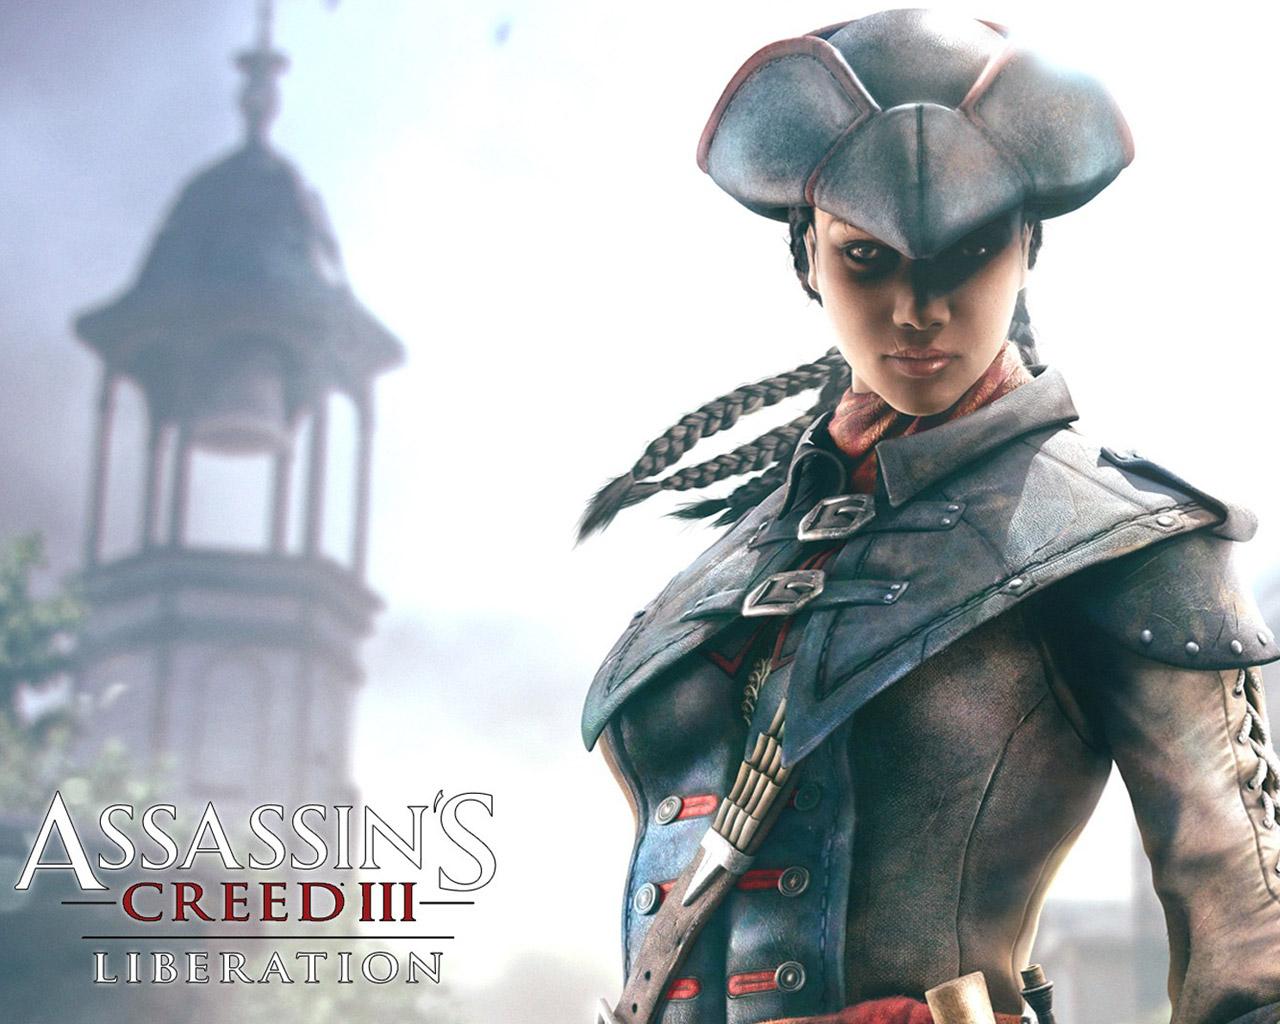 Assassins Creed III Liberation Wallpaper in 1280x1024 1280x1024